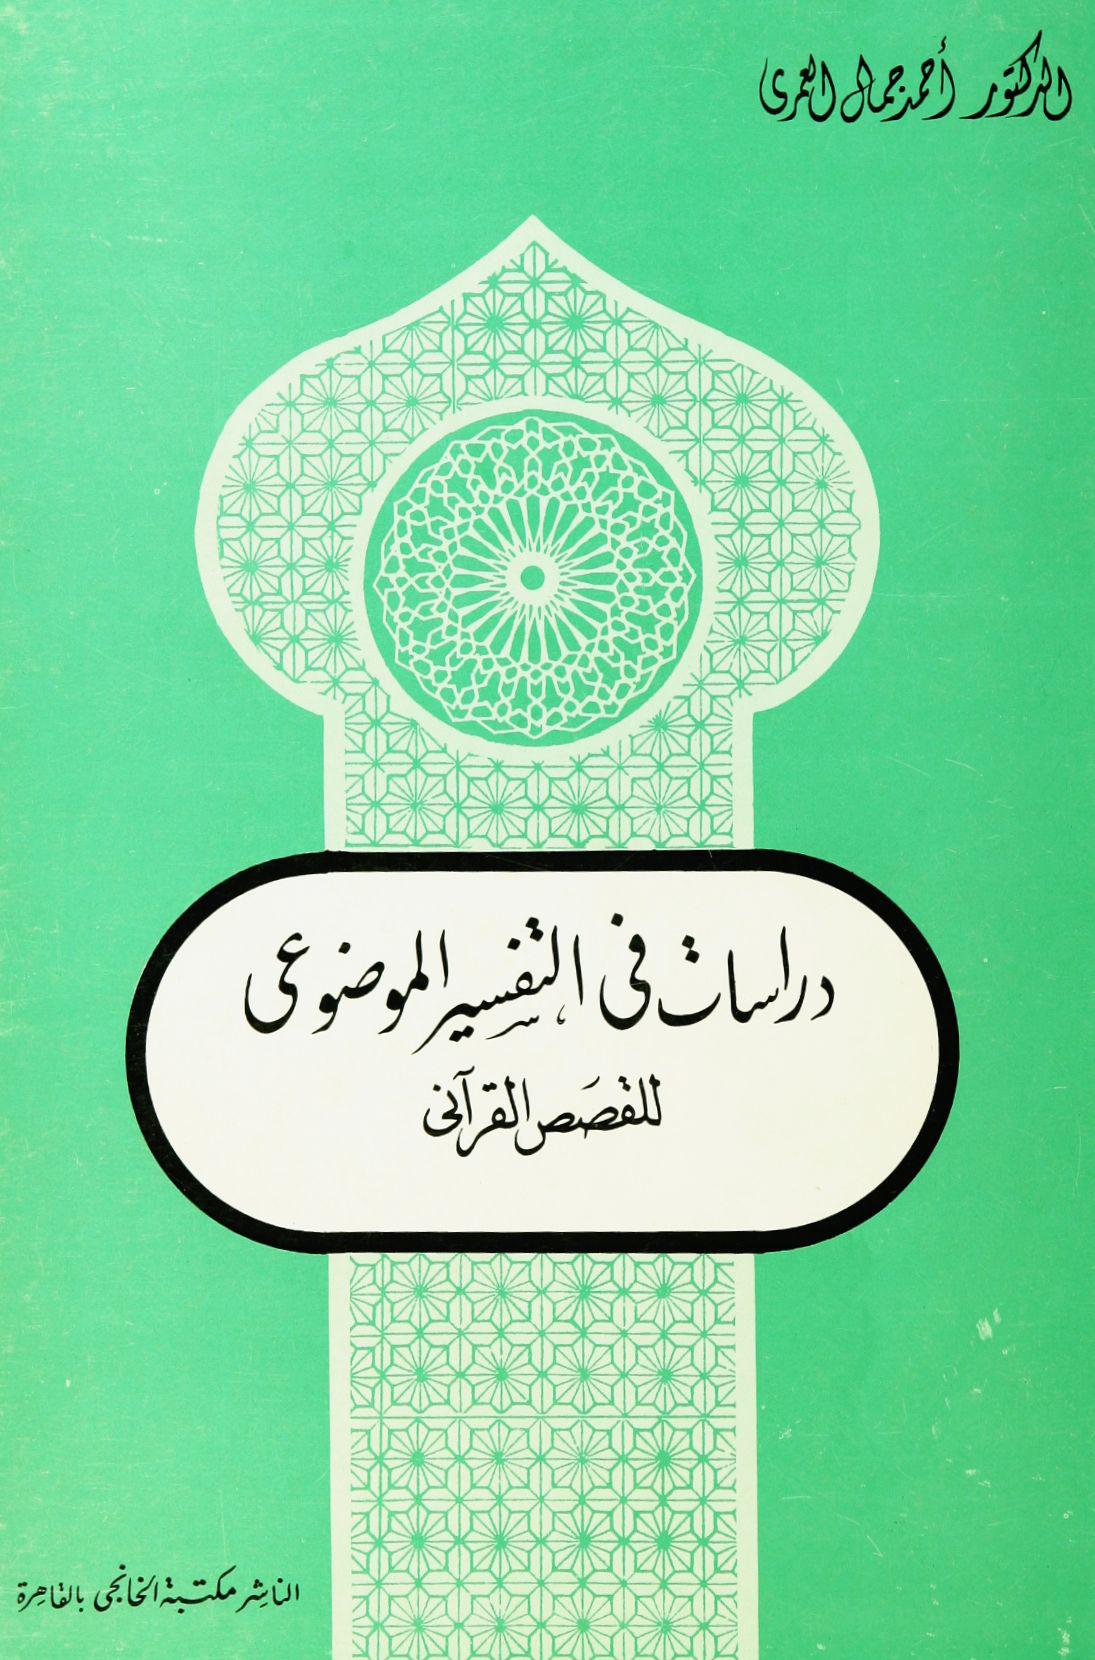 دراسات في التفسير الموضوعي للقصص القرآني - أحمد جمال العمري